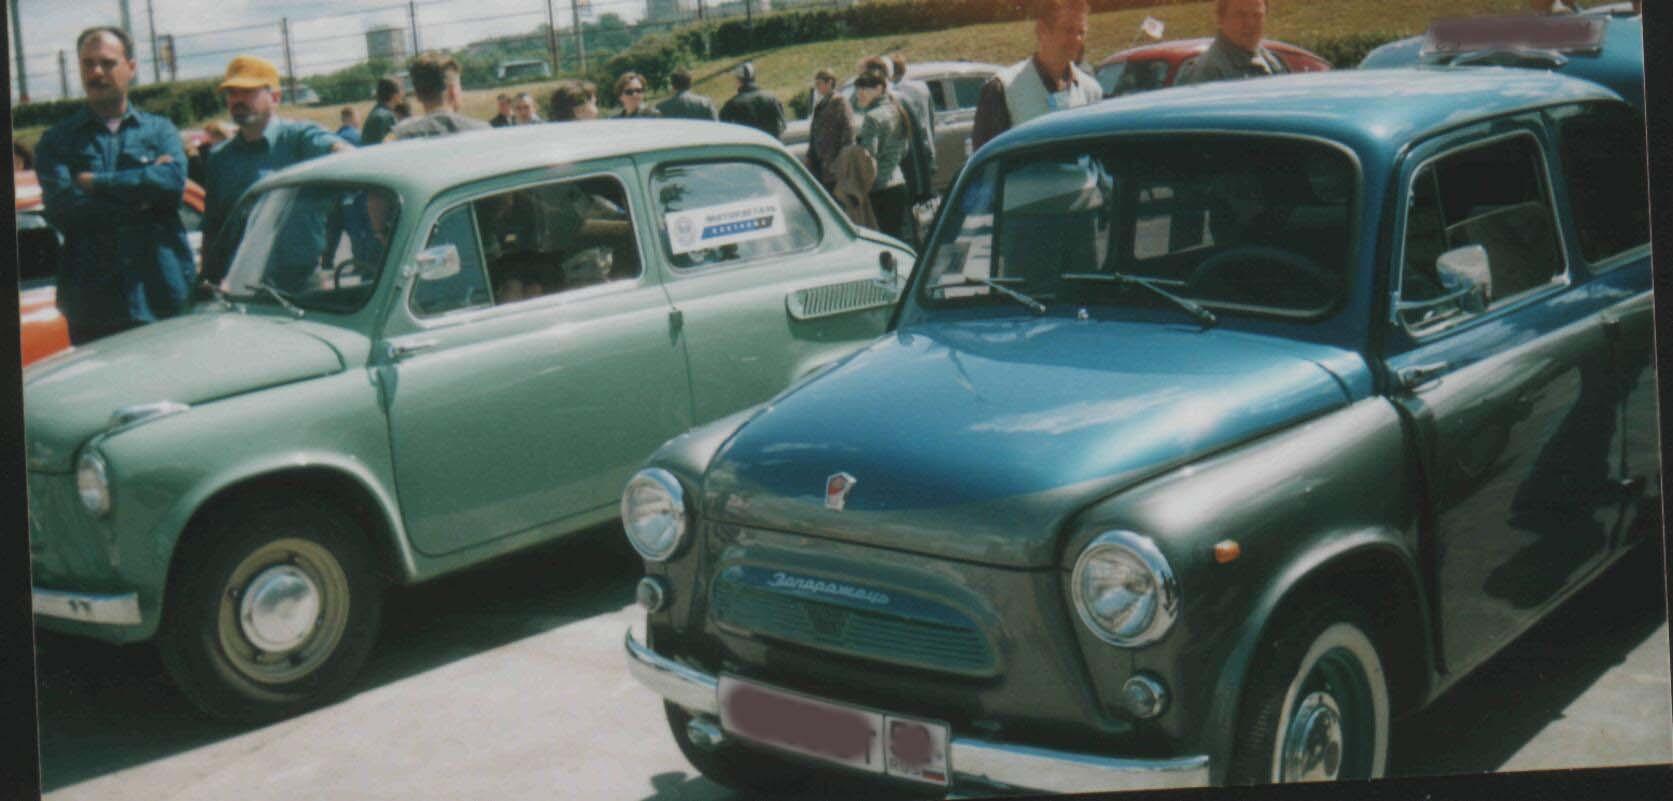 Foto s avtoforuma 2003 v Nizhnem Novgorode!